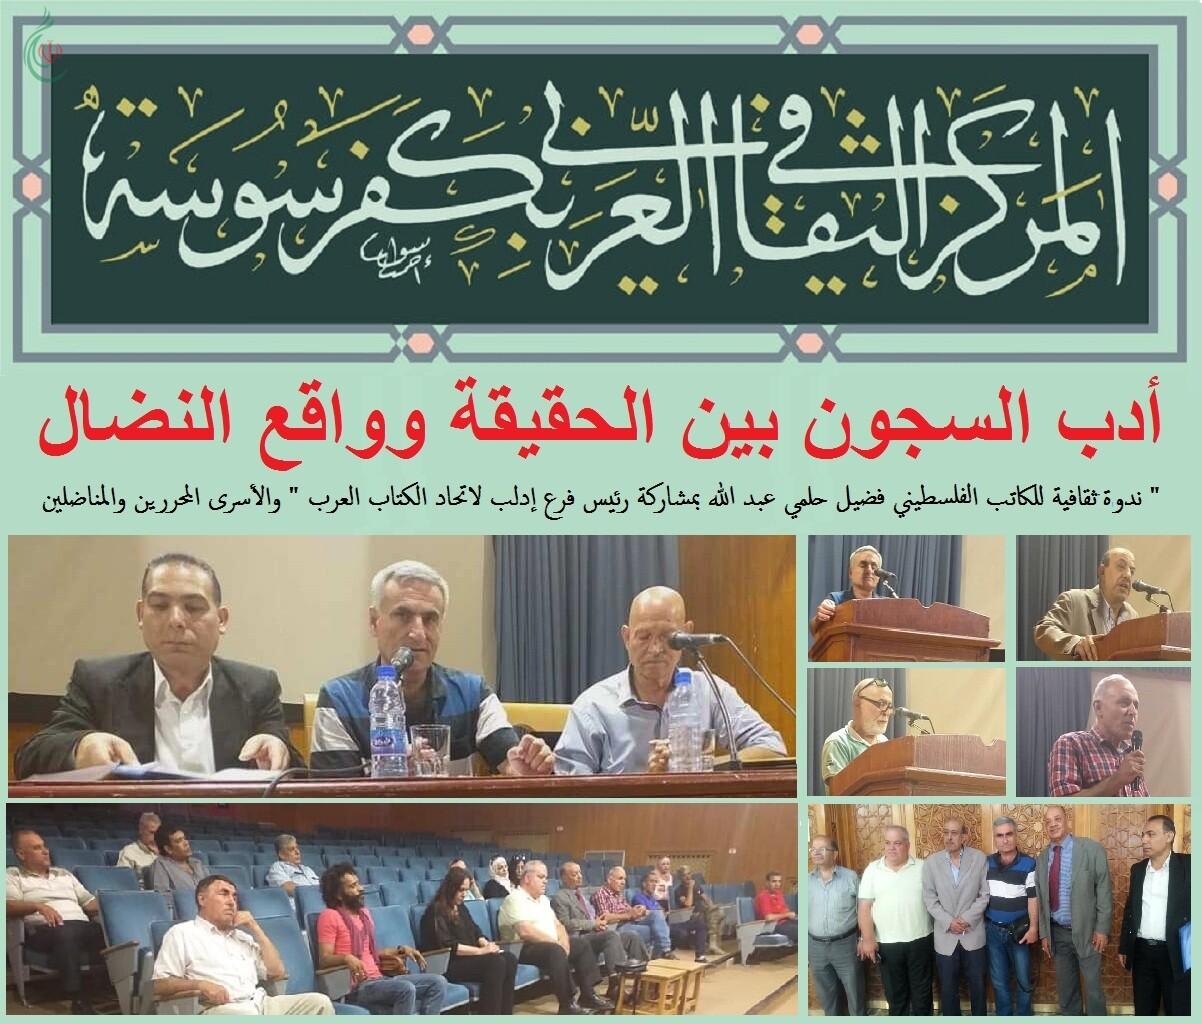 أدب الأسرى في سجون الاحتلال و واقع النضال